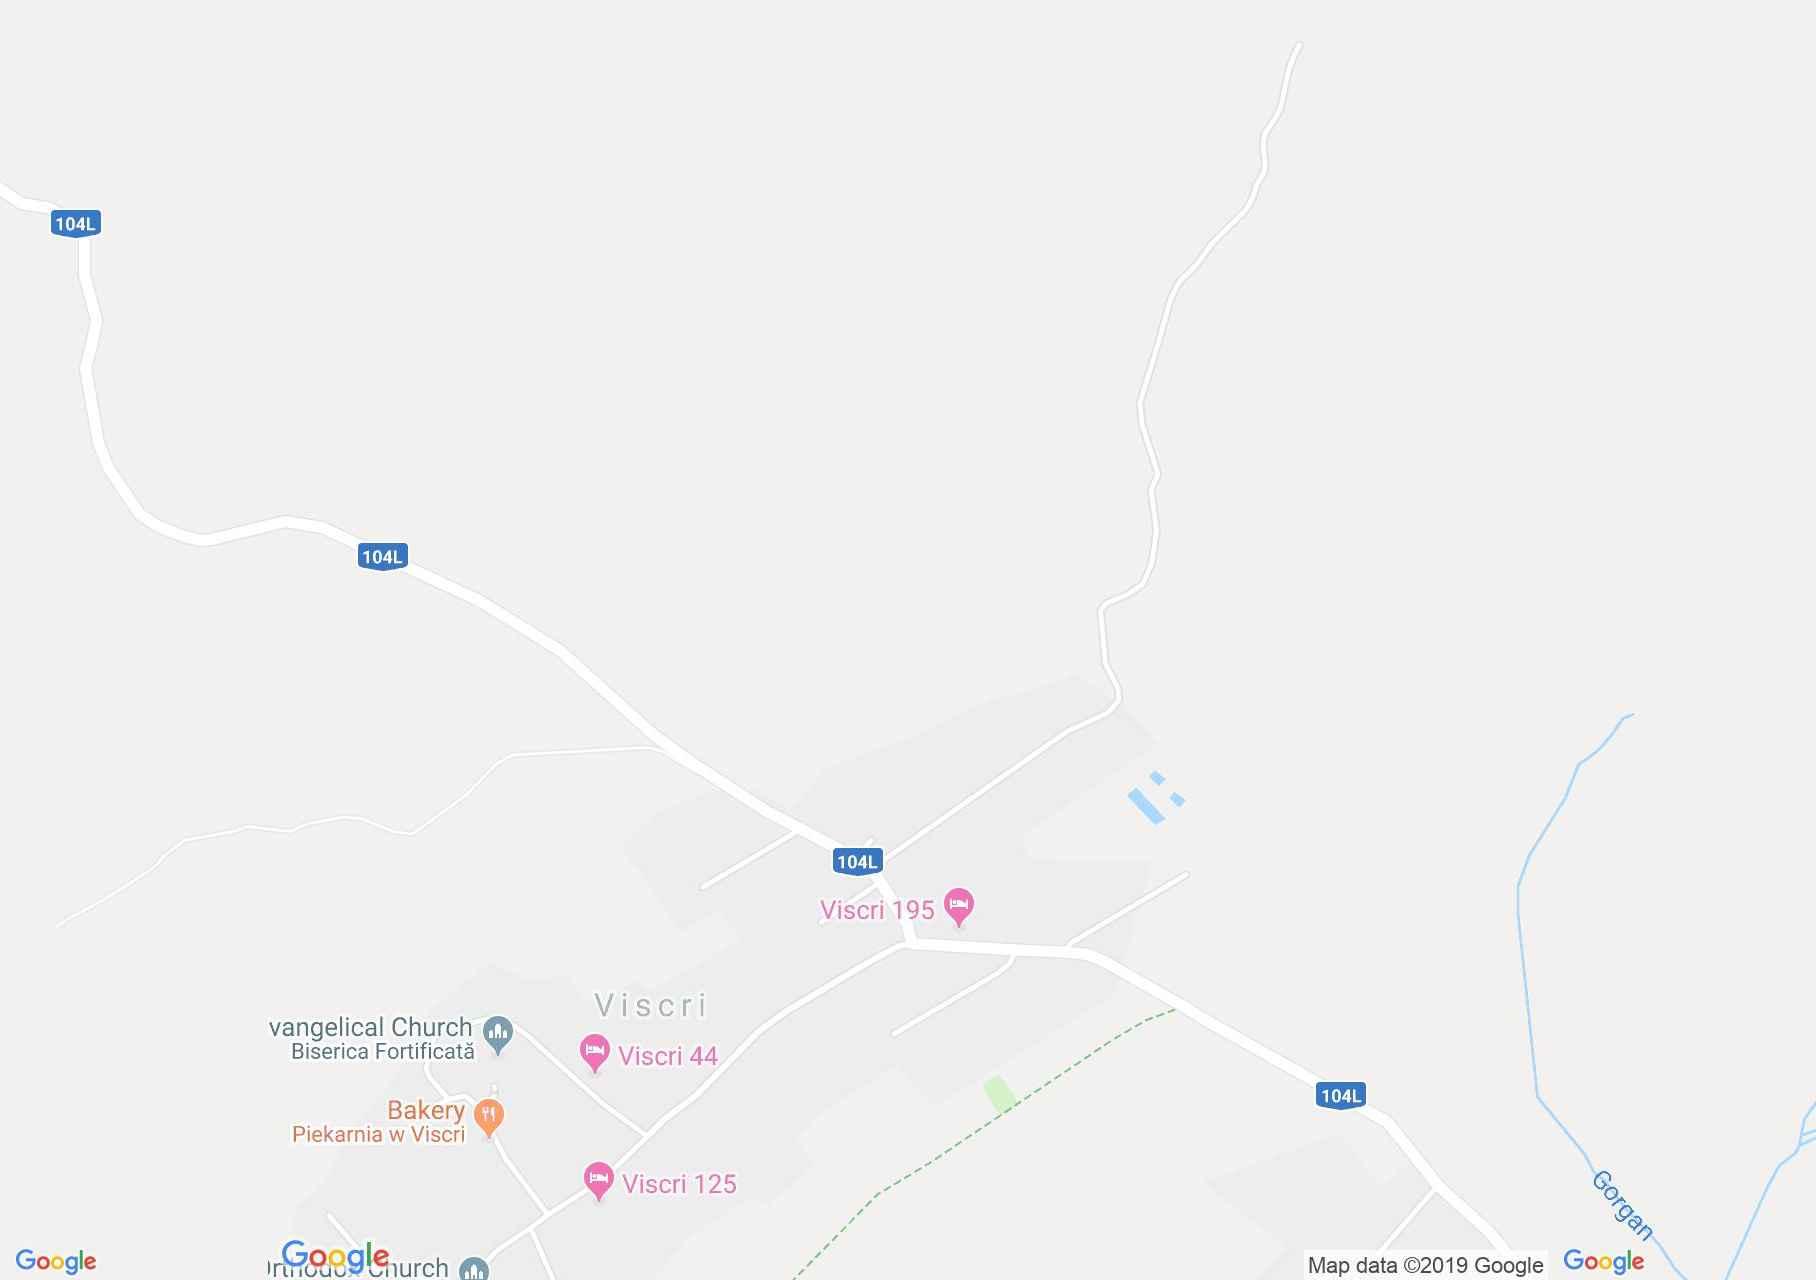 Hartă Viscri: Biserica evanghelică fortificată